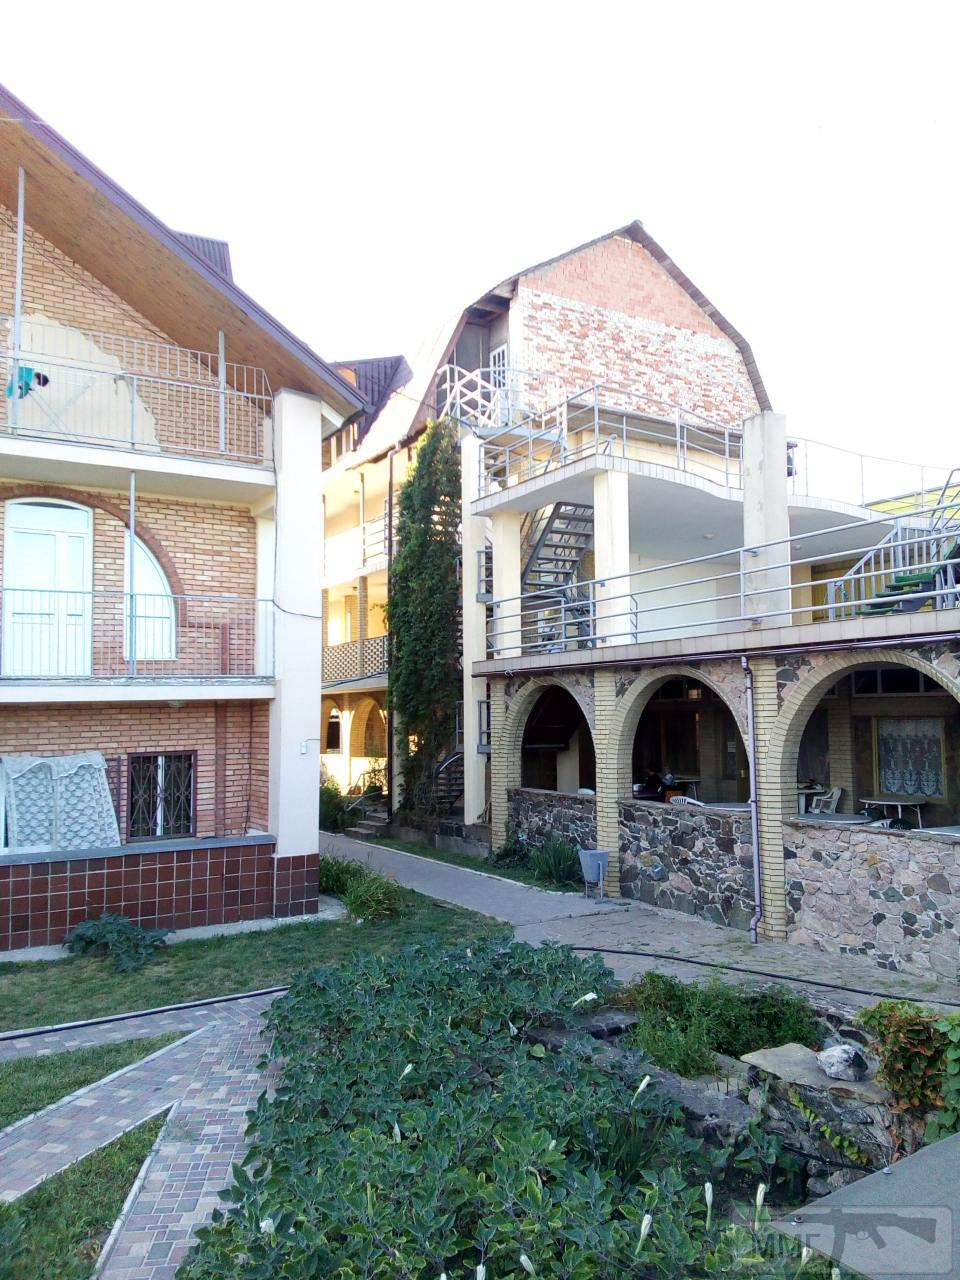 34012 - Солнечный городок, Белосарайская коса